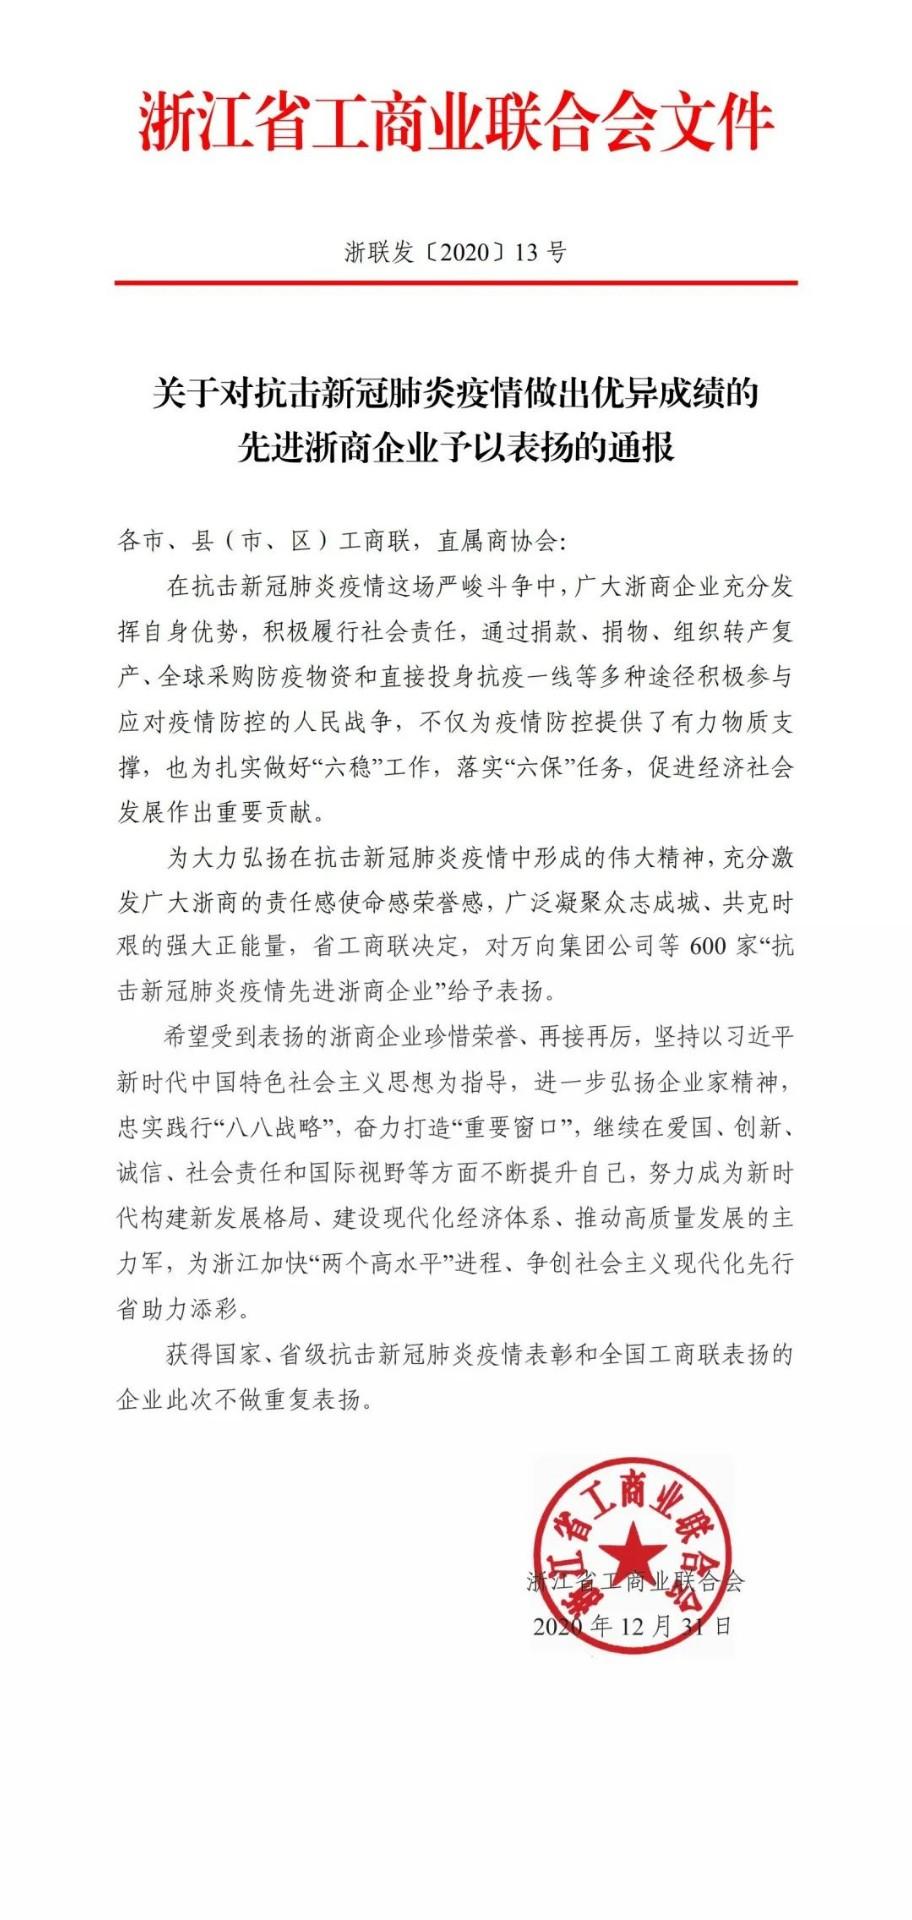 """【喜讯】我会常务副会长单位--杭州恩斯莱化工有限公司被评为""""抗击新冠肺炎疫情先进浙商企业"""""""